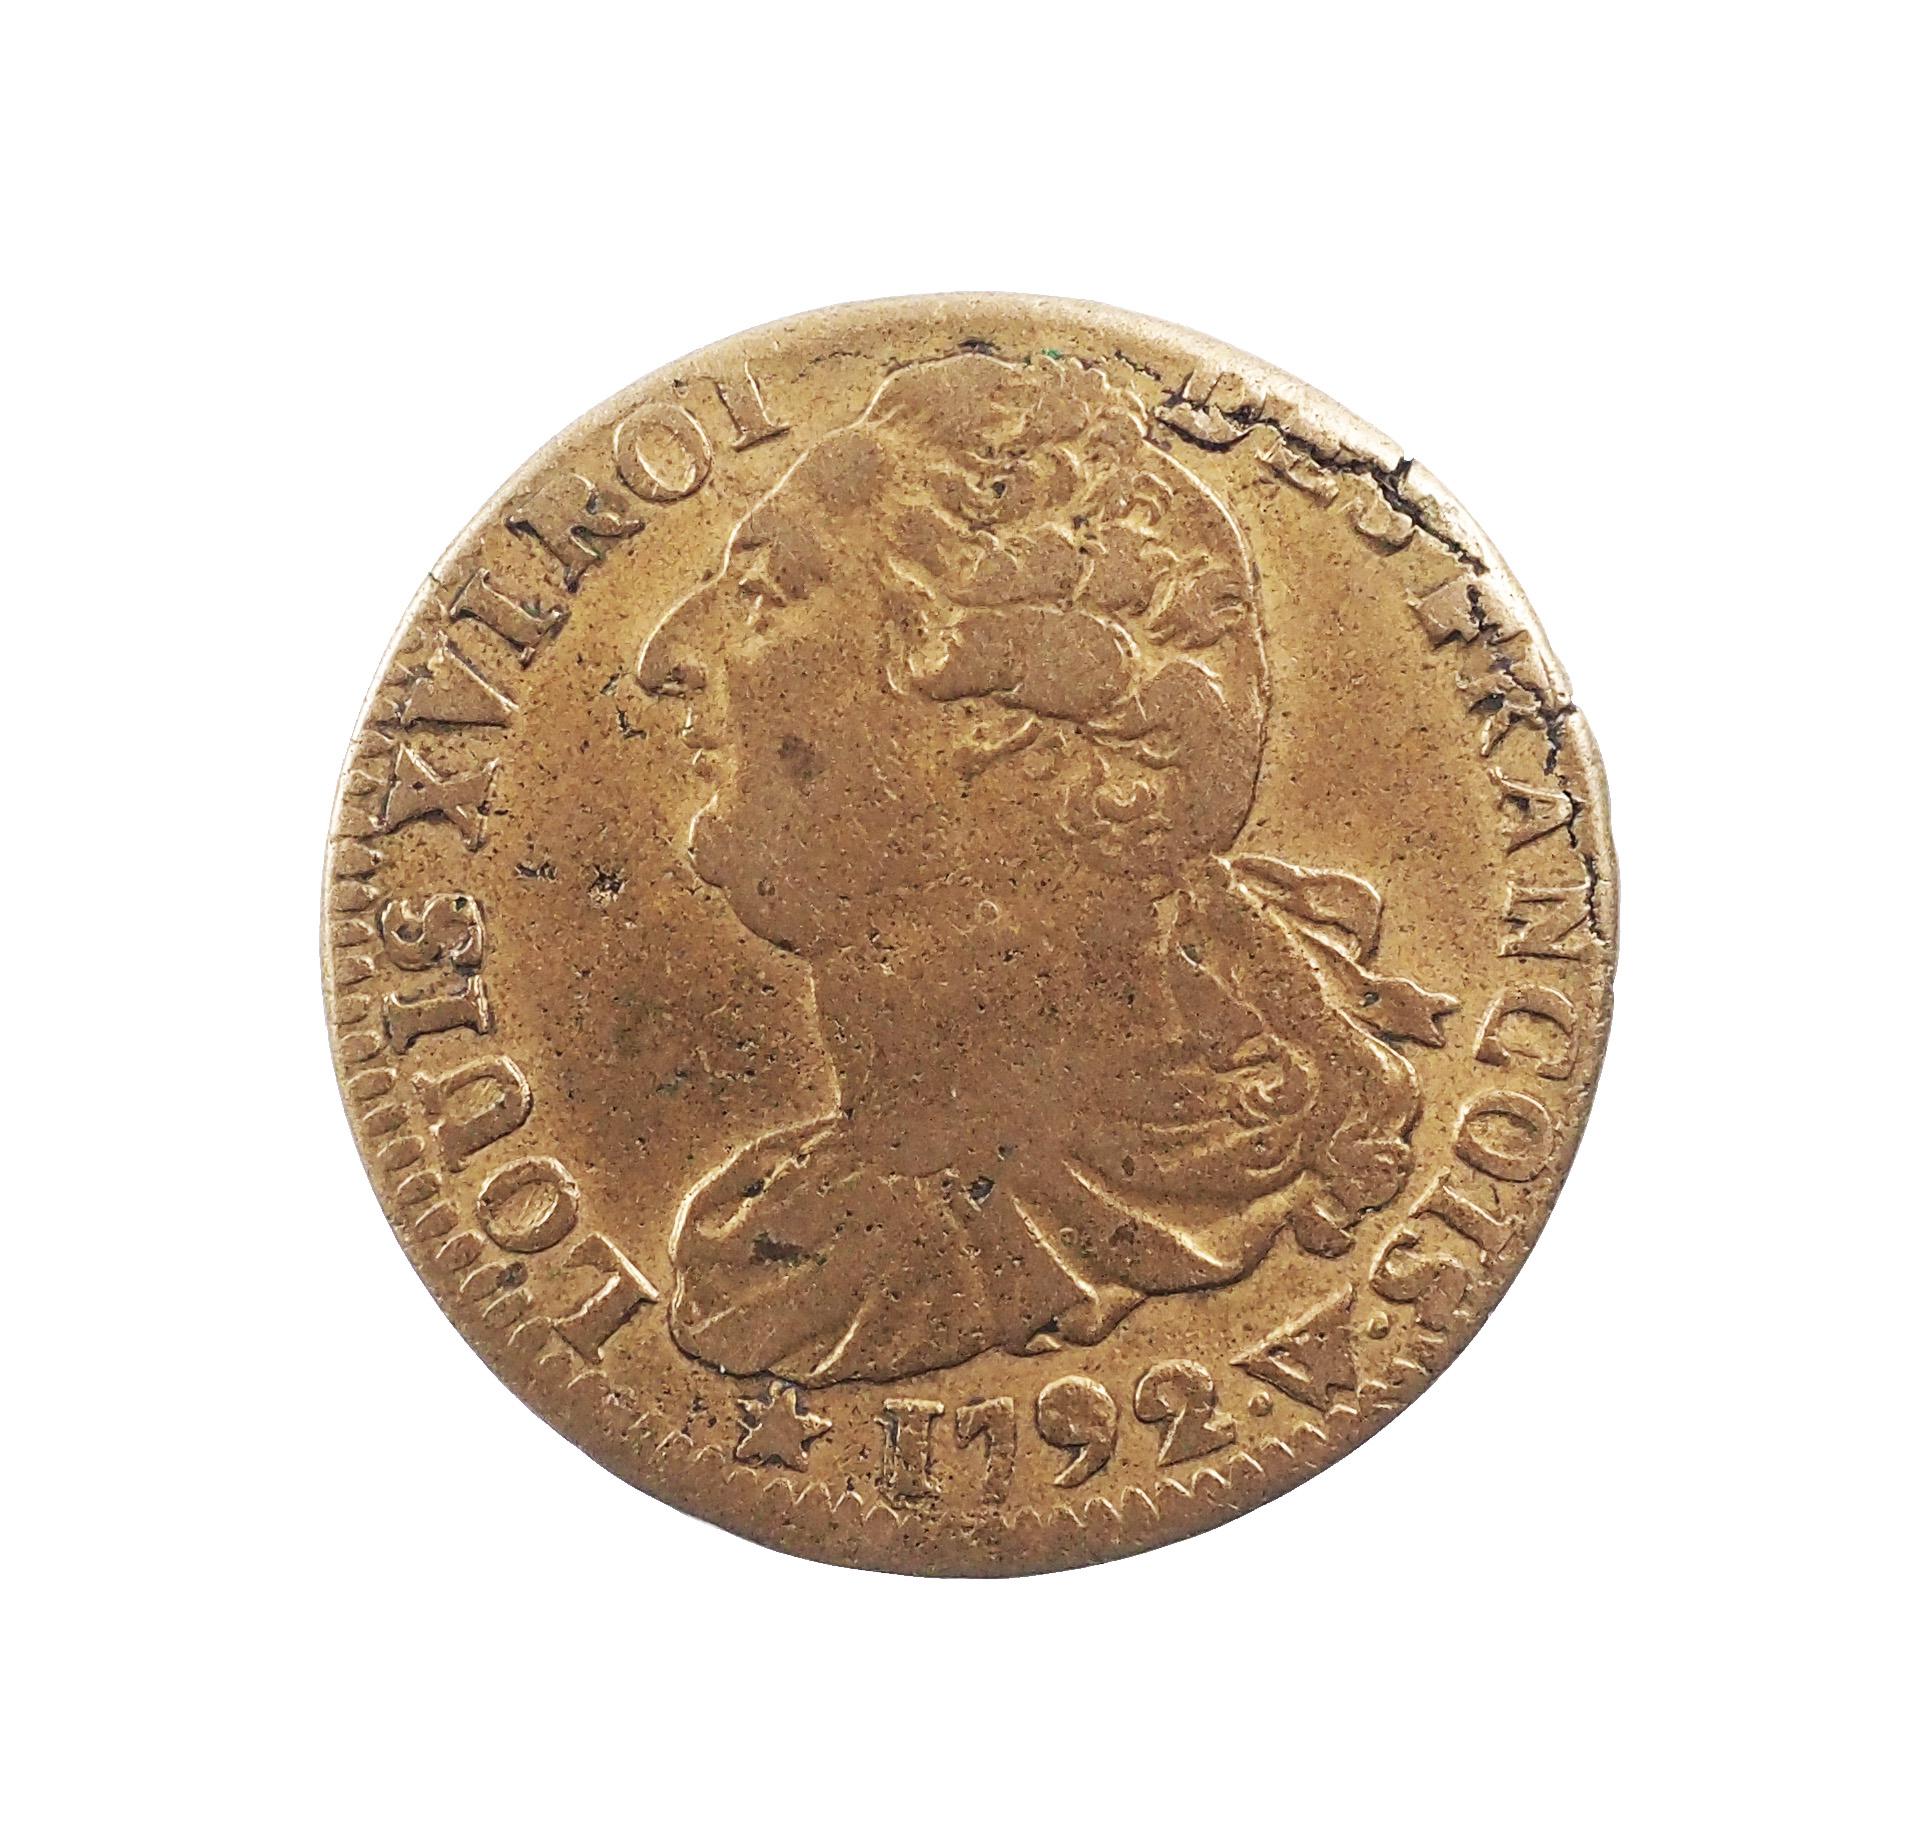 Louis XVI (1774-1792), 2 Sols 1792 an 4 W Lille, TTB, Gad 25